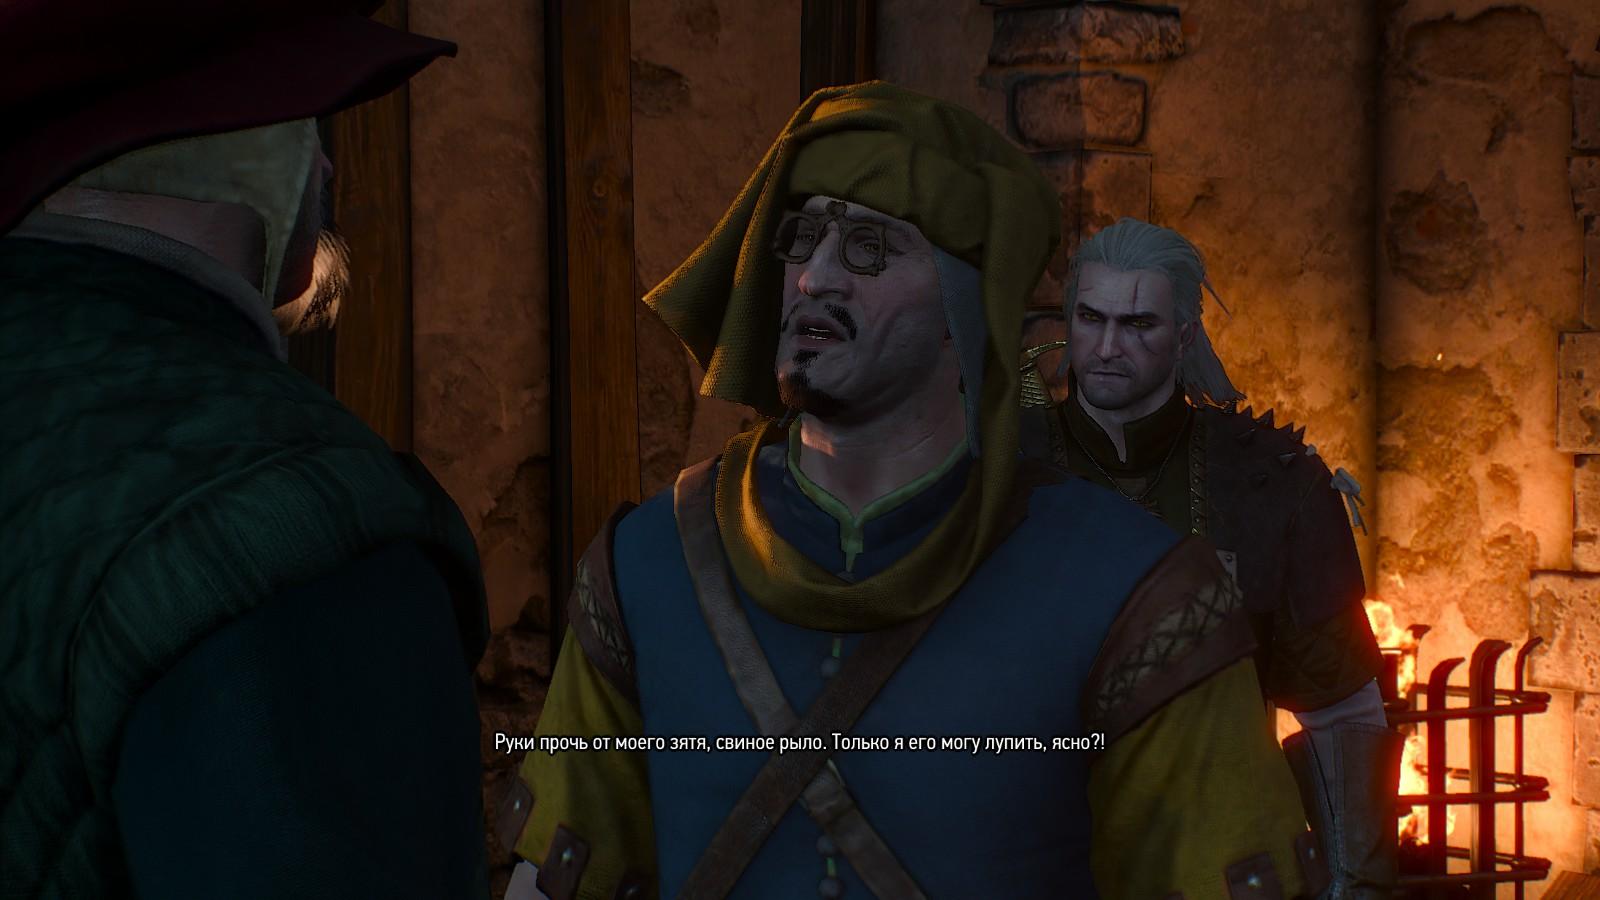 Йеннифер - Witcher 3: Wild Hunt, the Персонаж, Скеллиге